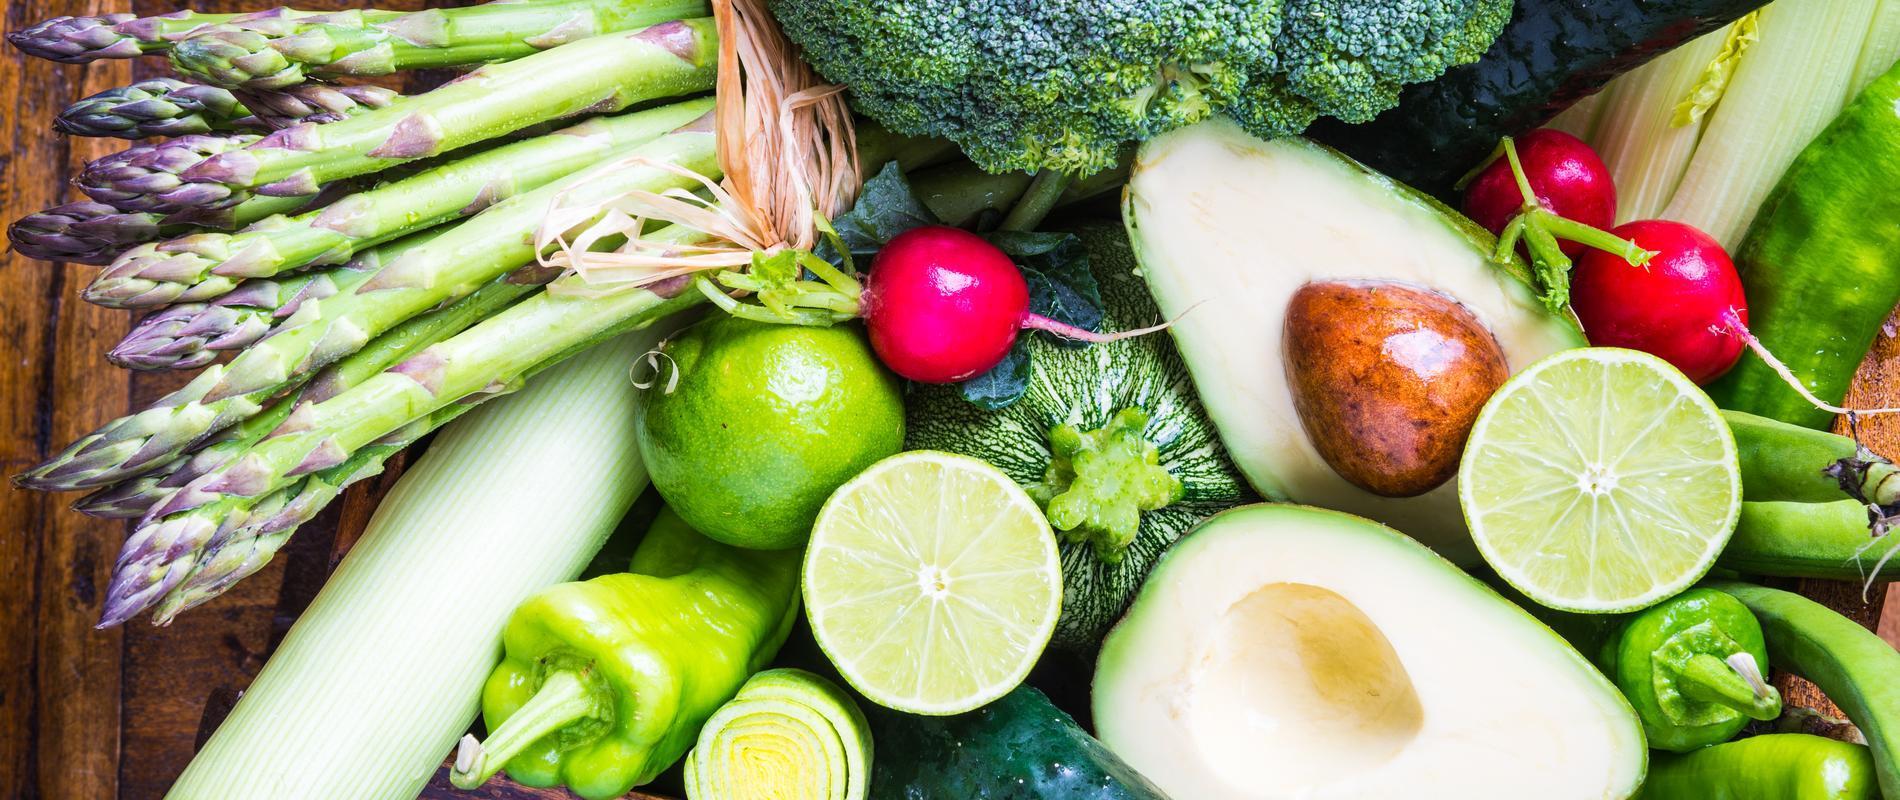 降脂饮食有助于缓解抑郁症状 结合运动效果更佳